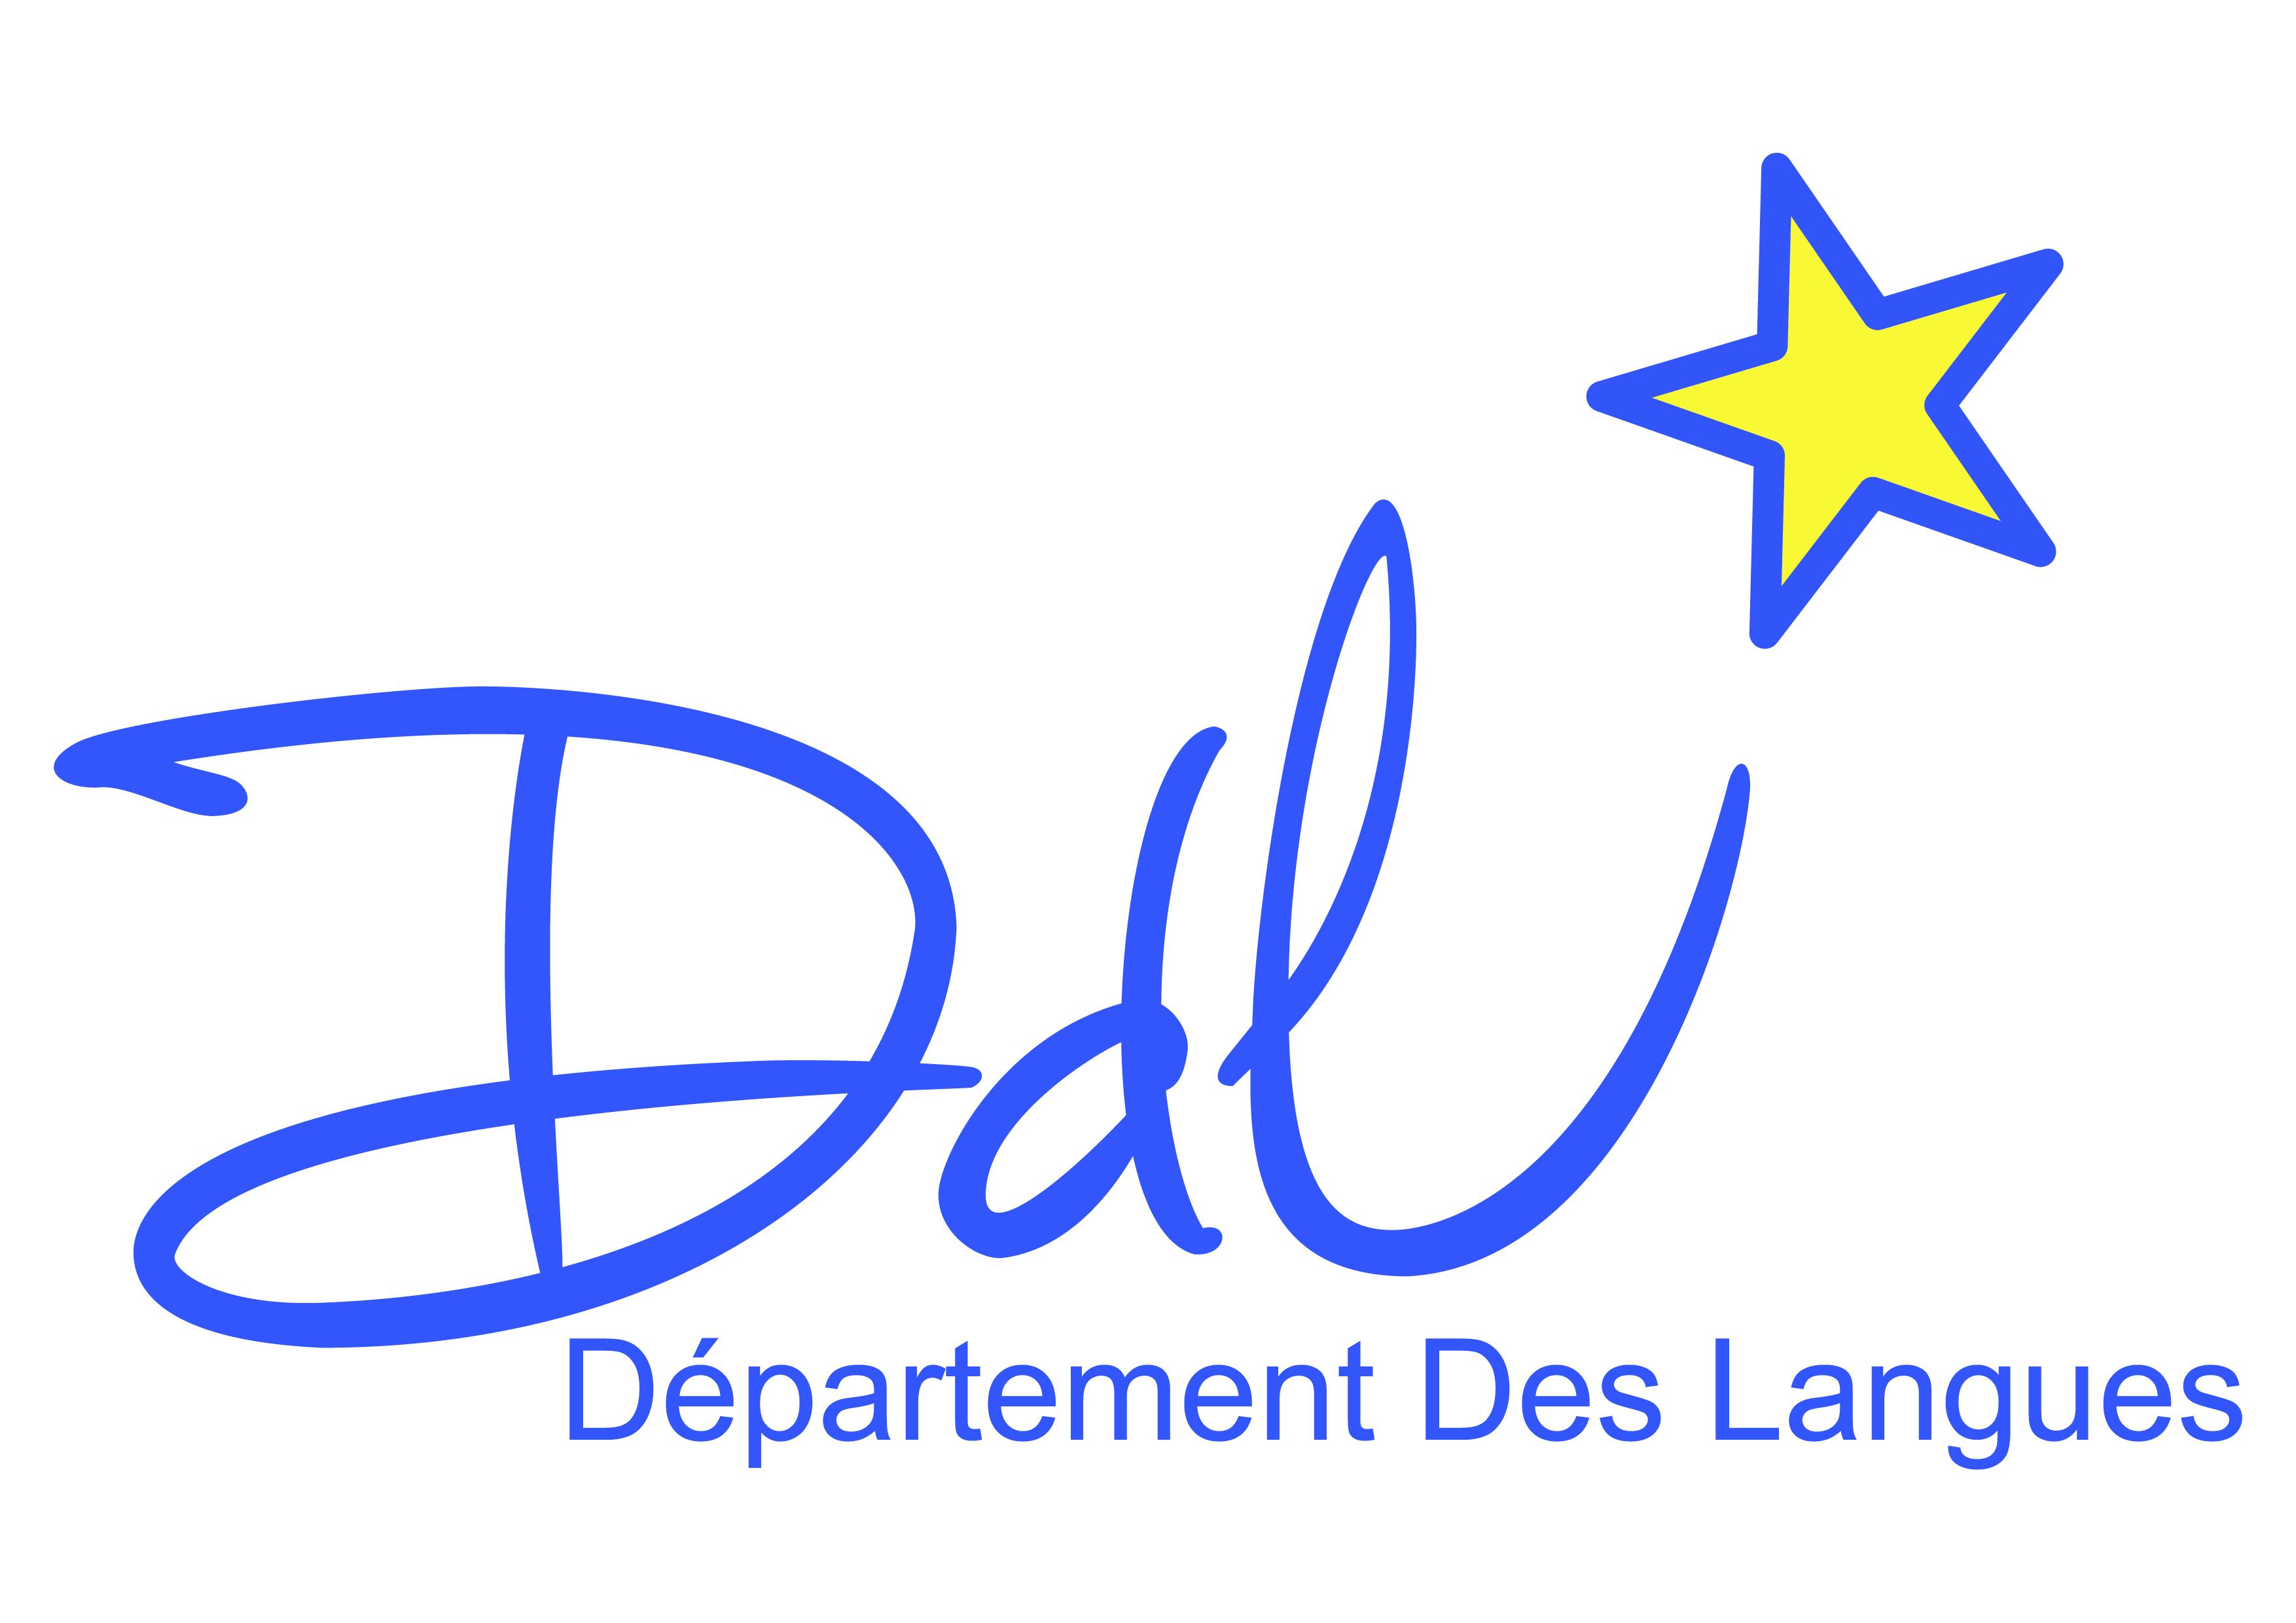 Département des langues